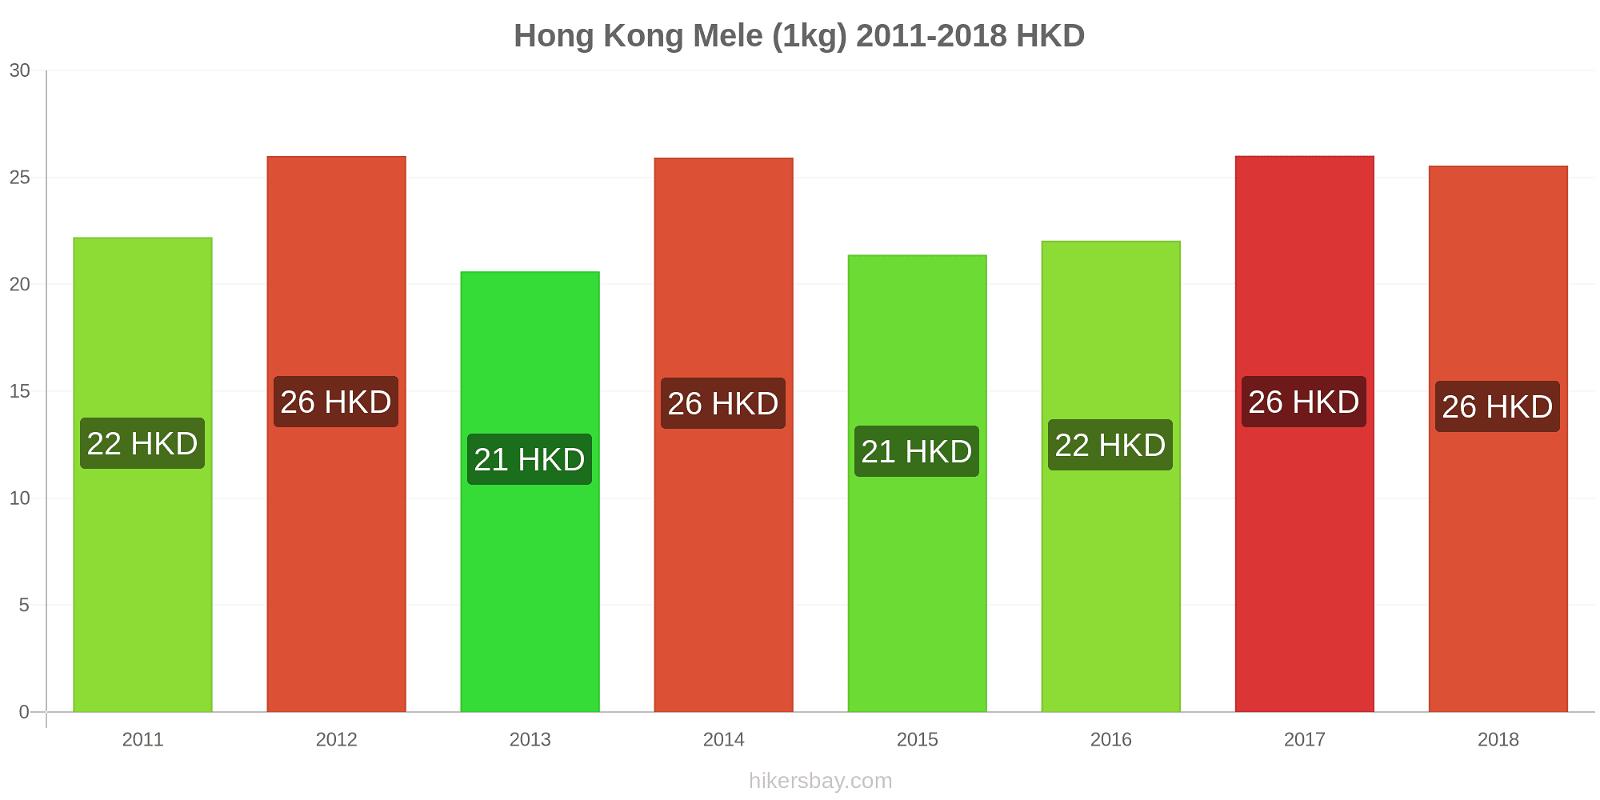 Hong Kong variazioni di prezzo Mele (1kg) hikersbay.com